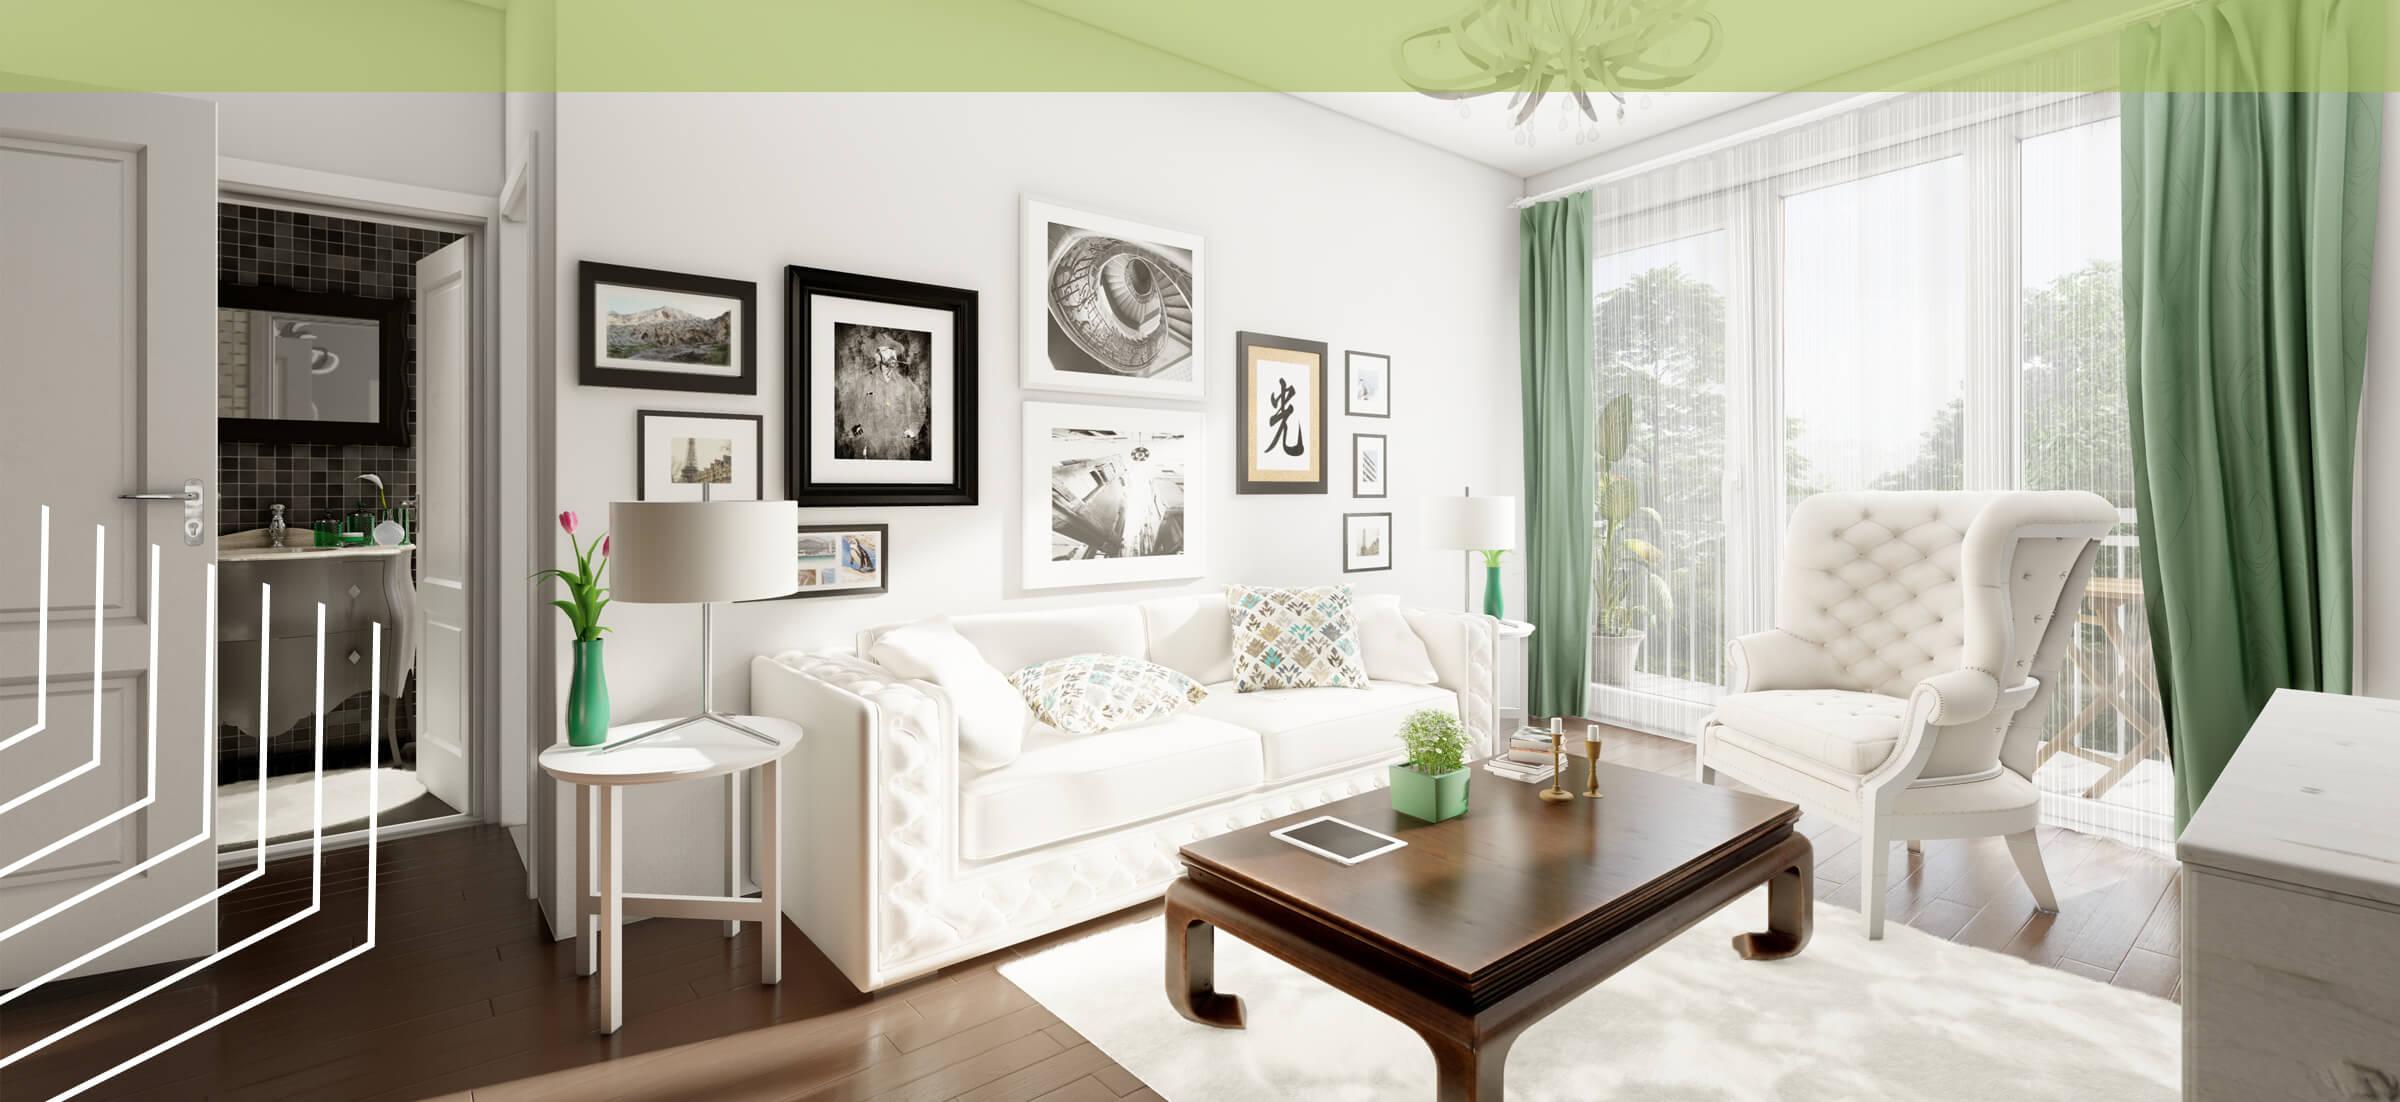 Ma akár 661 ezres nm-áron is lehet új, teraszos, már költözhető lakása!